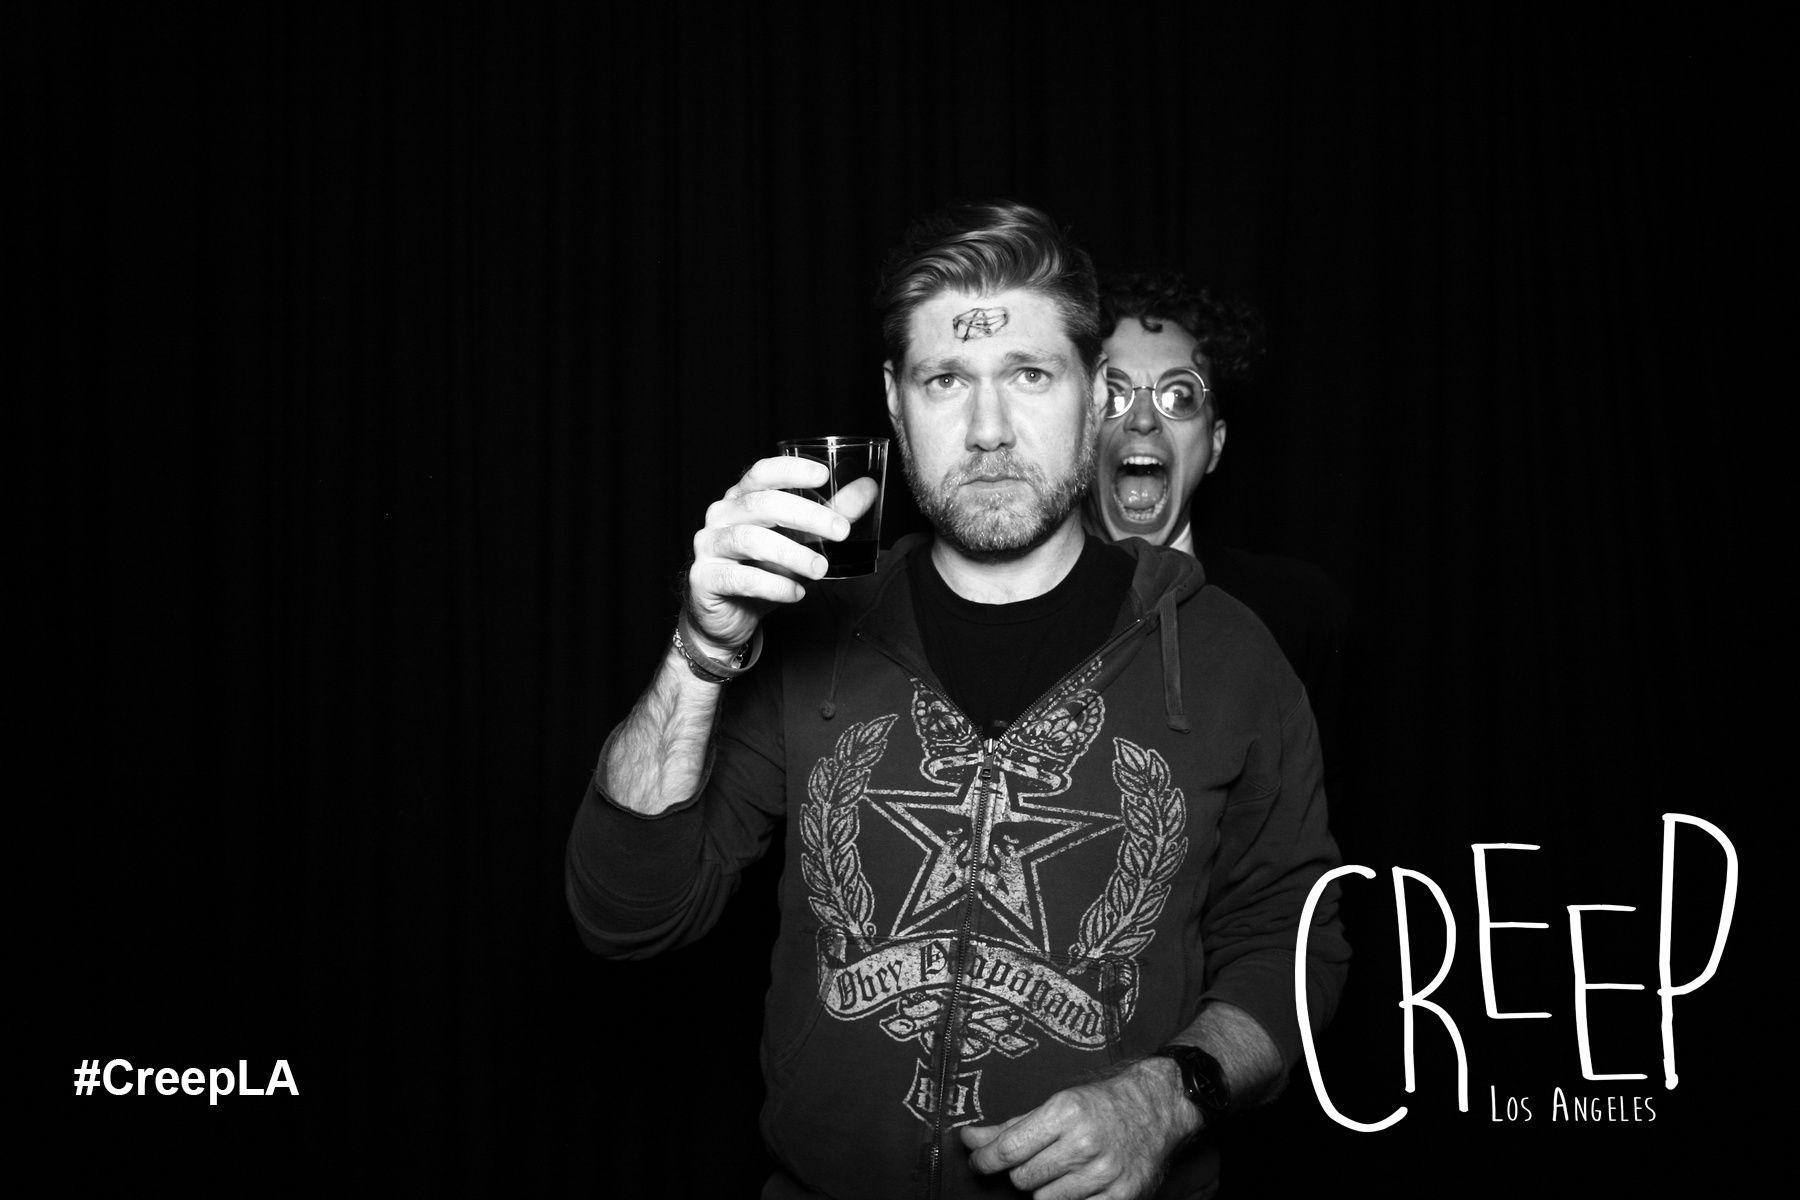 Bryan at Creep LA